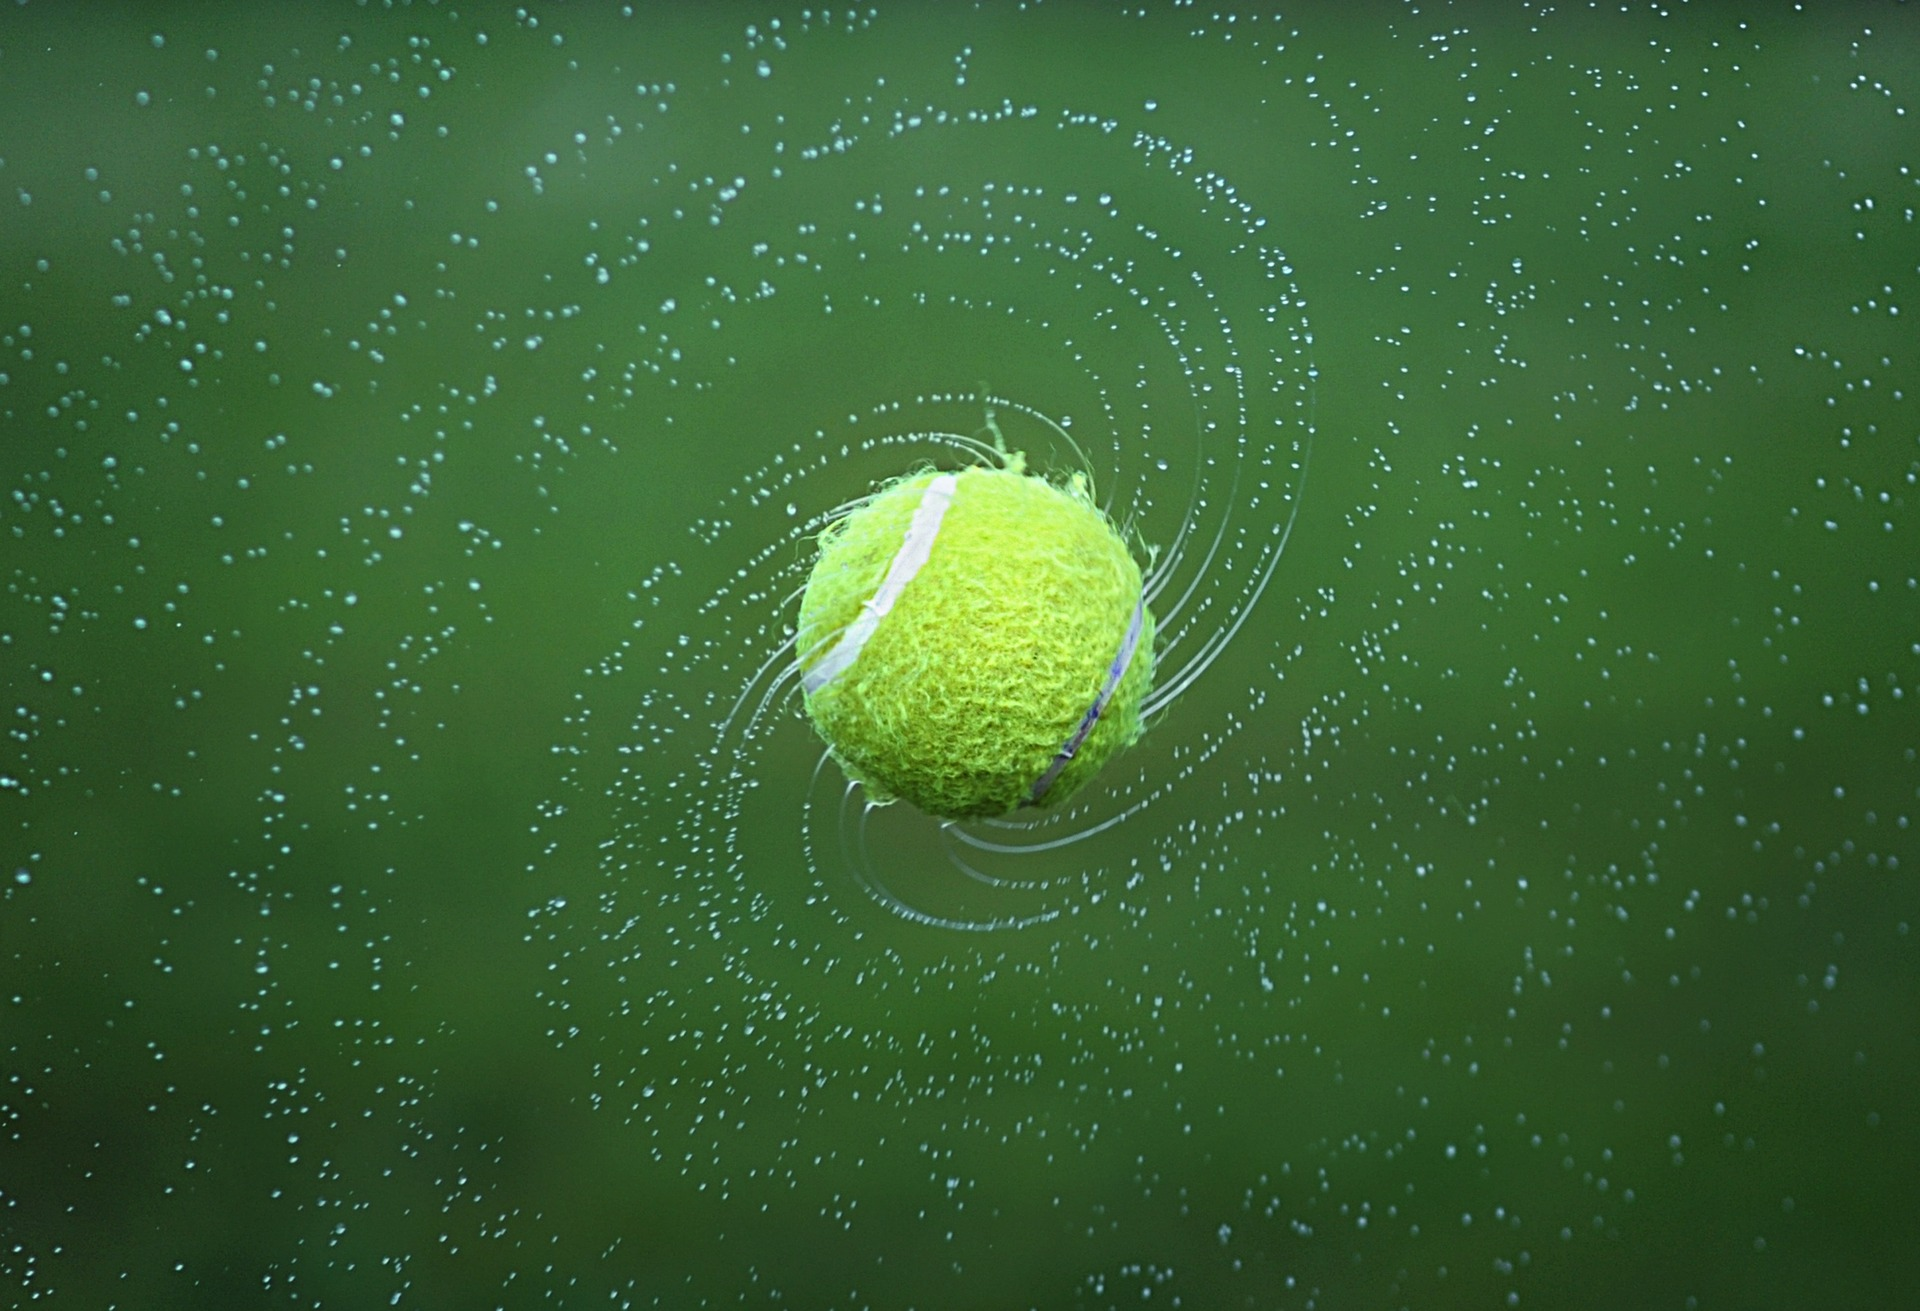 Tennisball, Kugel, Tennis, Wasser, Giro, Grün - Wallpaper - Prof.-falken.com